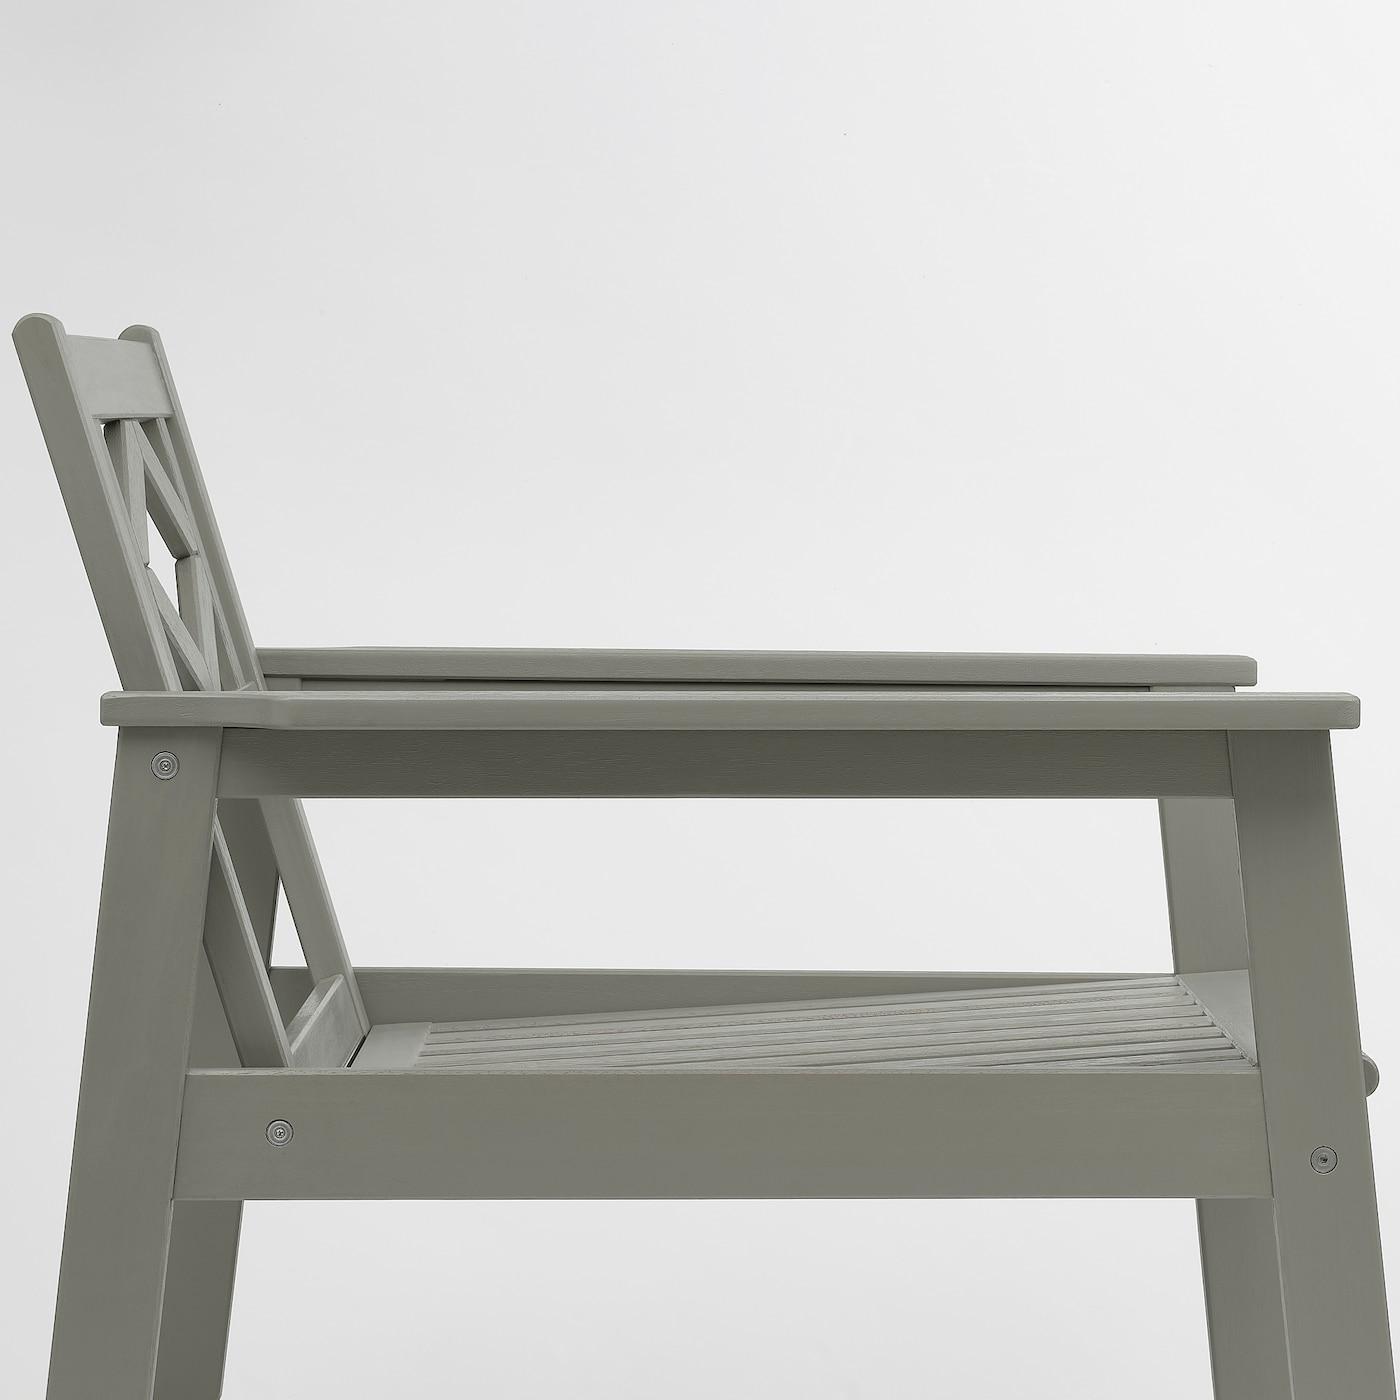 Bondholmen Armchair Outdoor Grey Stained Jarpon Duvholmen Anthracite Ikea